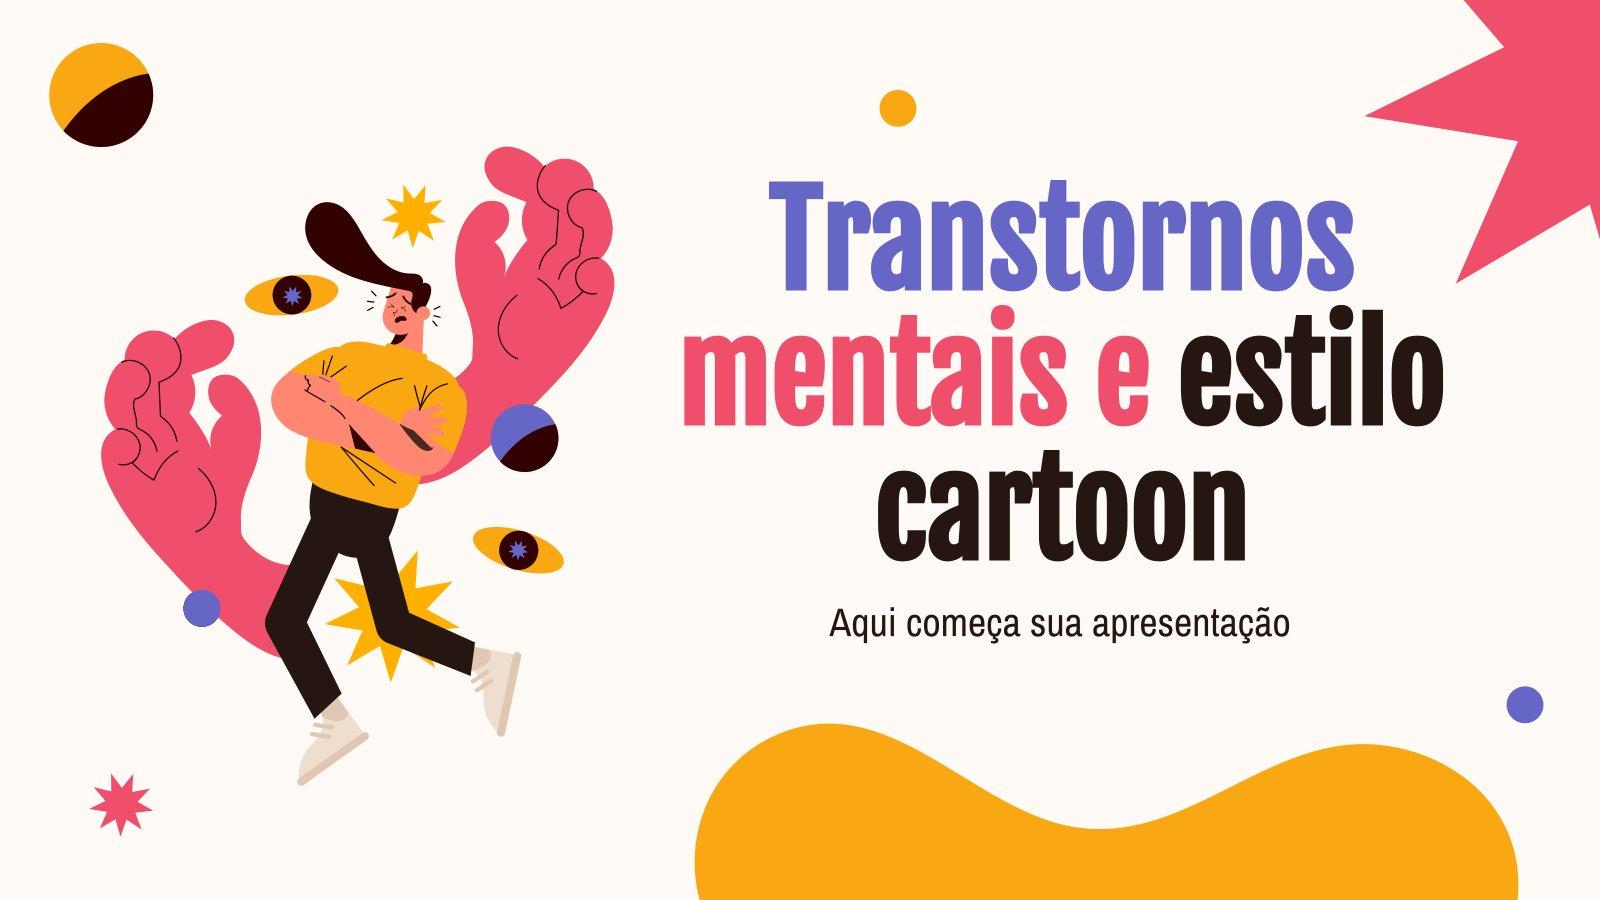 Transtornos Mentais e Estilo Cartoon presentation template